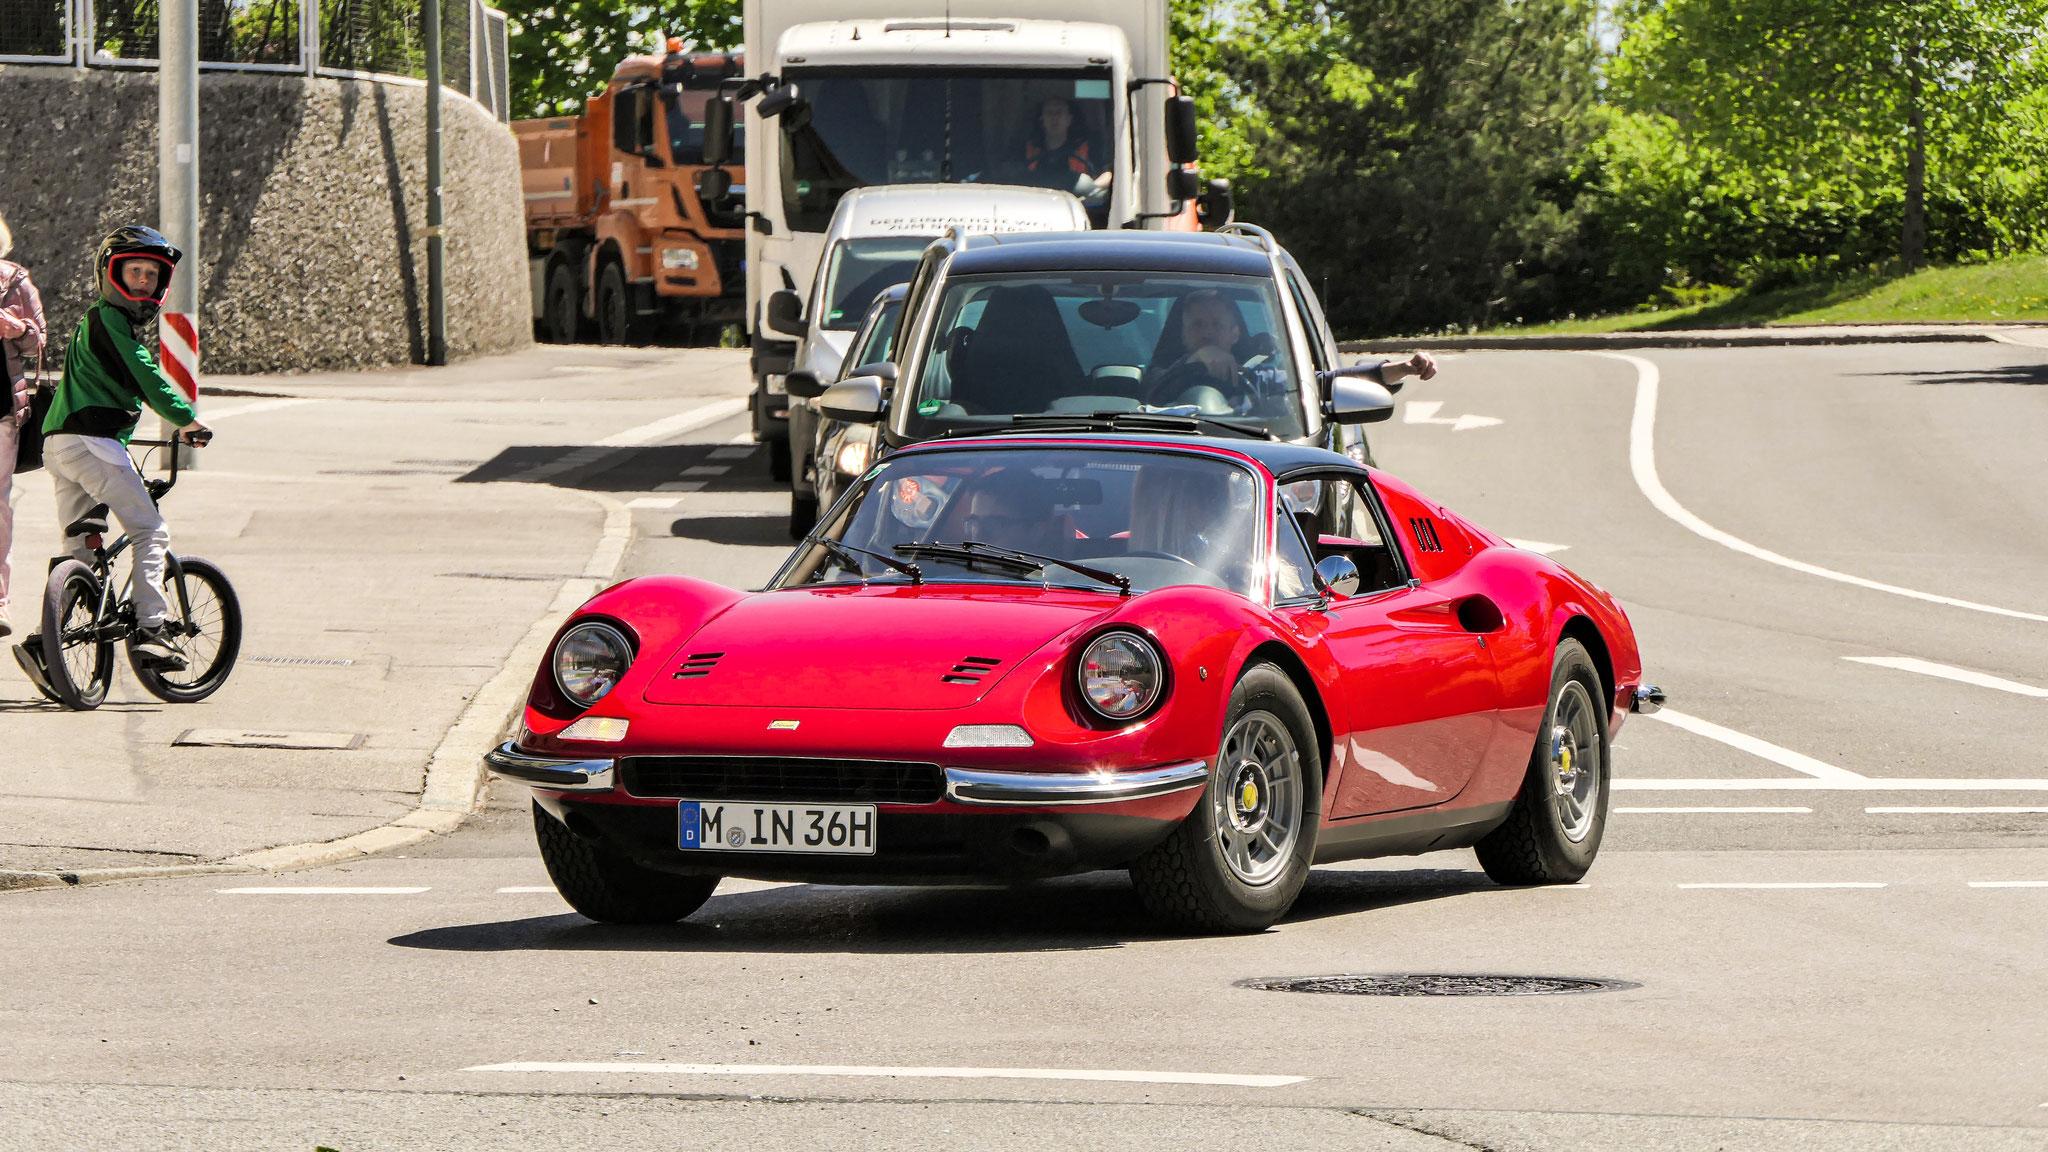 Ferrari Dino 246 - M-IN-36H